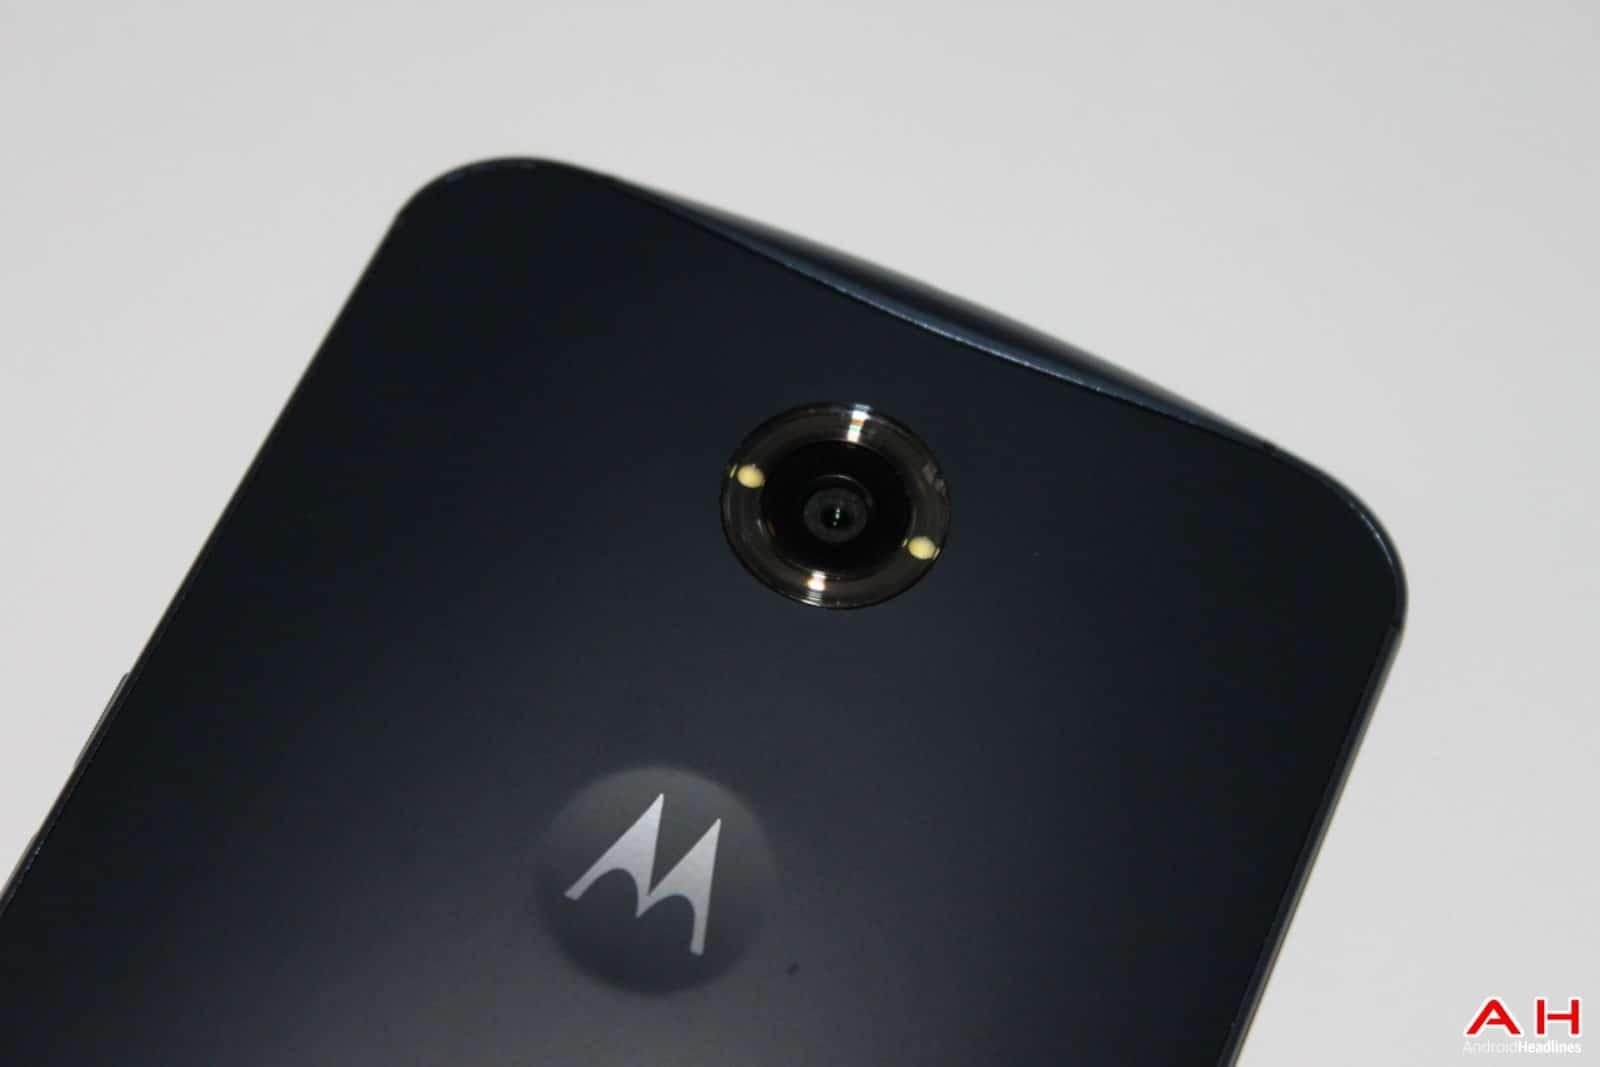 AH Nexus 6 Blue Chris-9 Motorola logo